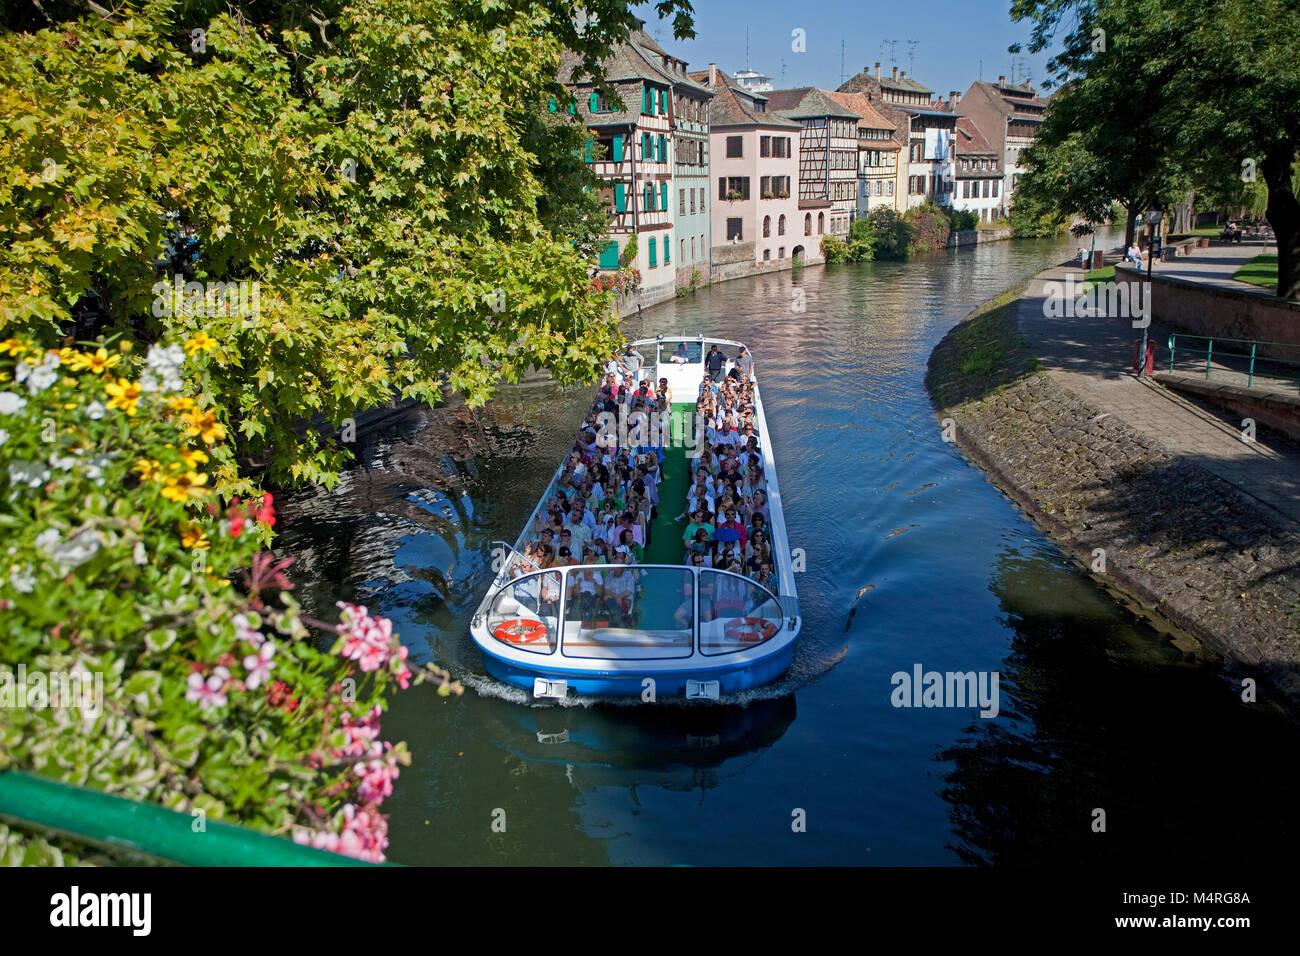 Viaje en barco en el río III, La Petite France (Francia), poco de Estrasburgo, Alsacia, Bas-Rhin, Francia, Imagen De Stock